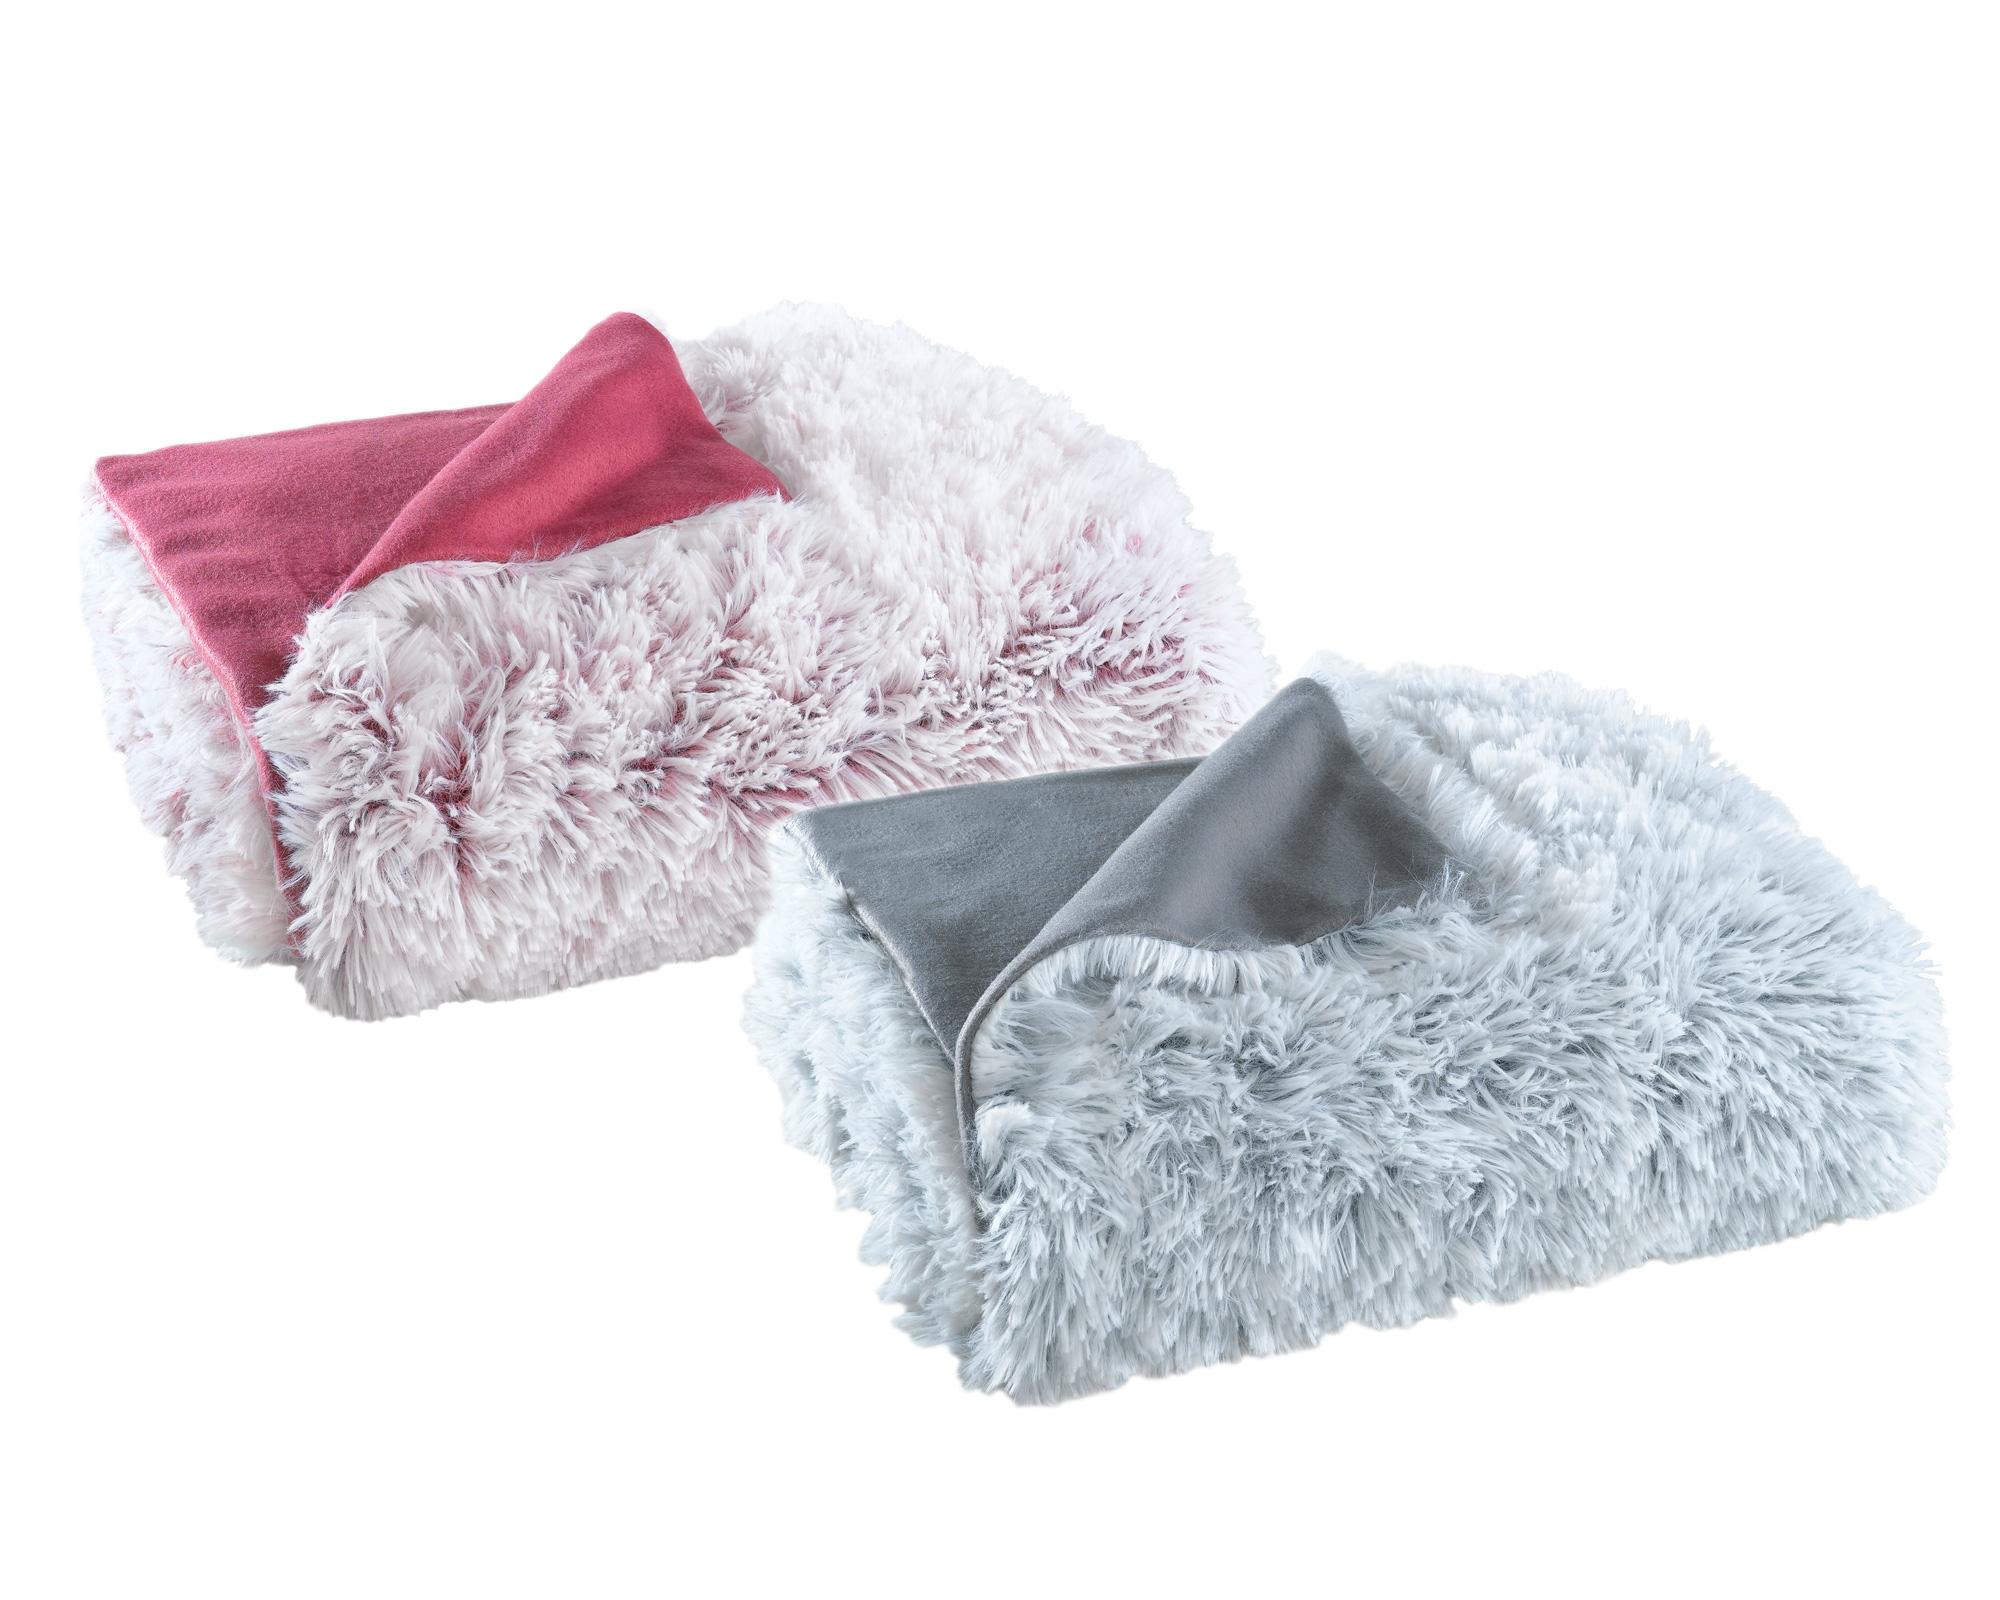 Wohndecken und Kissen - Kuscheldecke Flokati Fleece flauschig warm und weich 150x200  - Onlineshop PremiumShop321